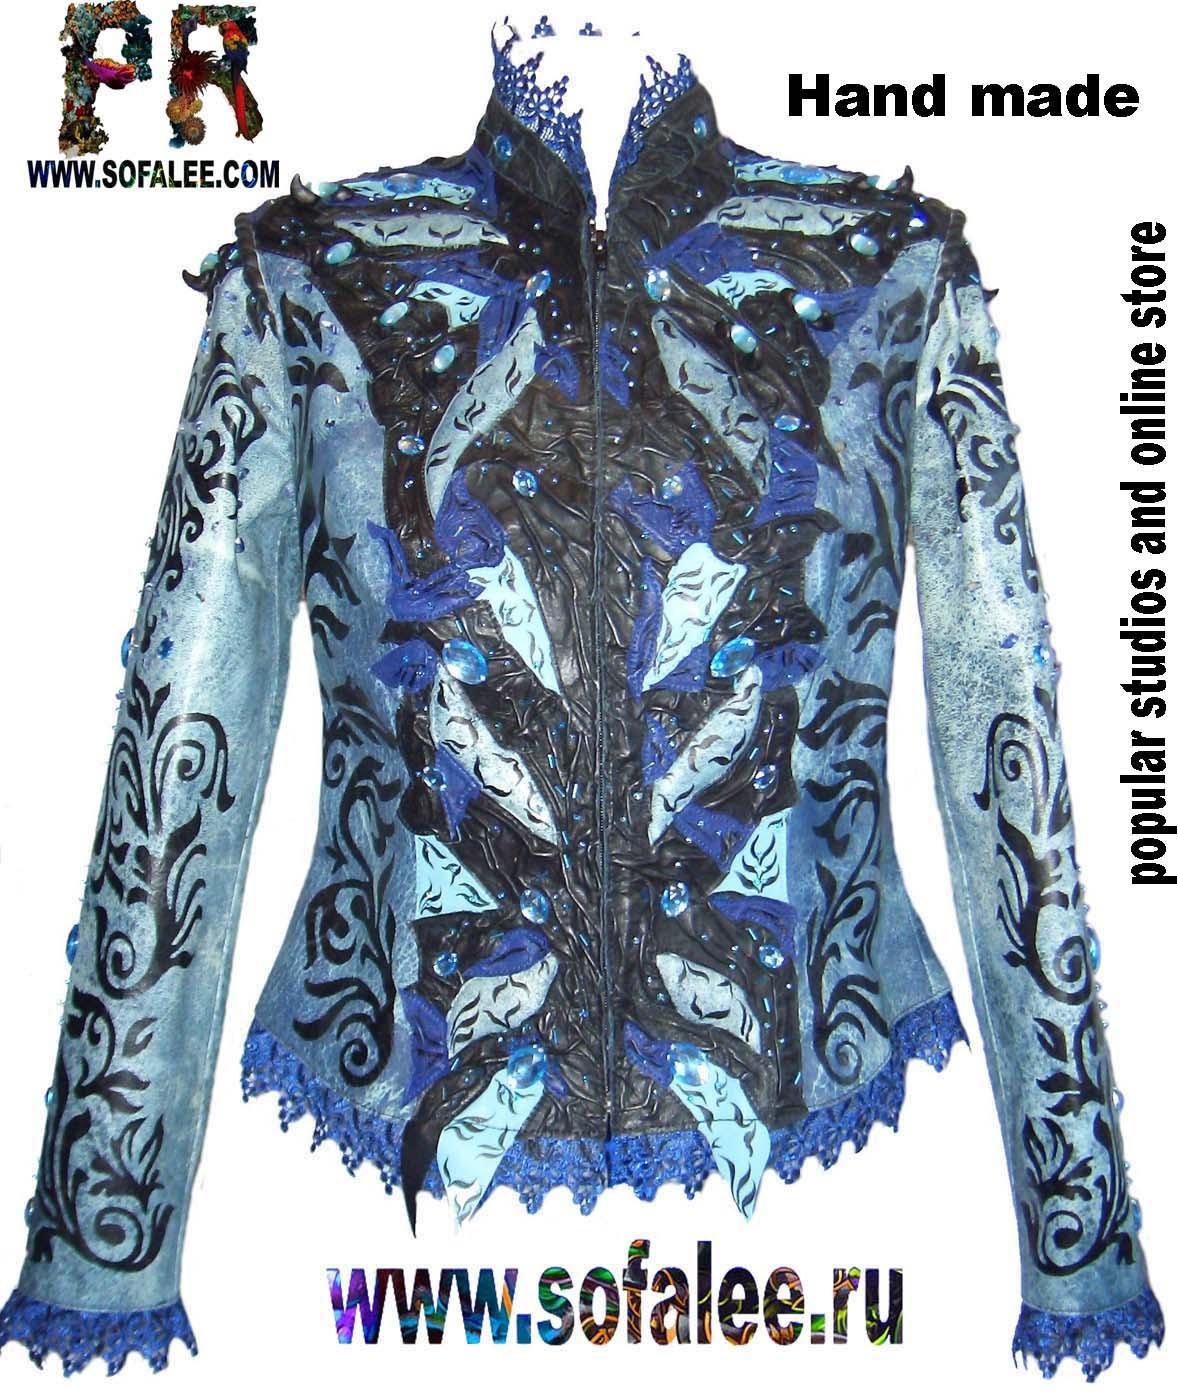 Кожаная куртка синего цвета с кружевами. Jacket of leather